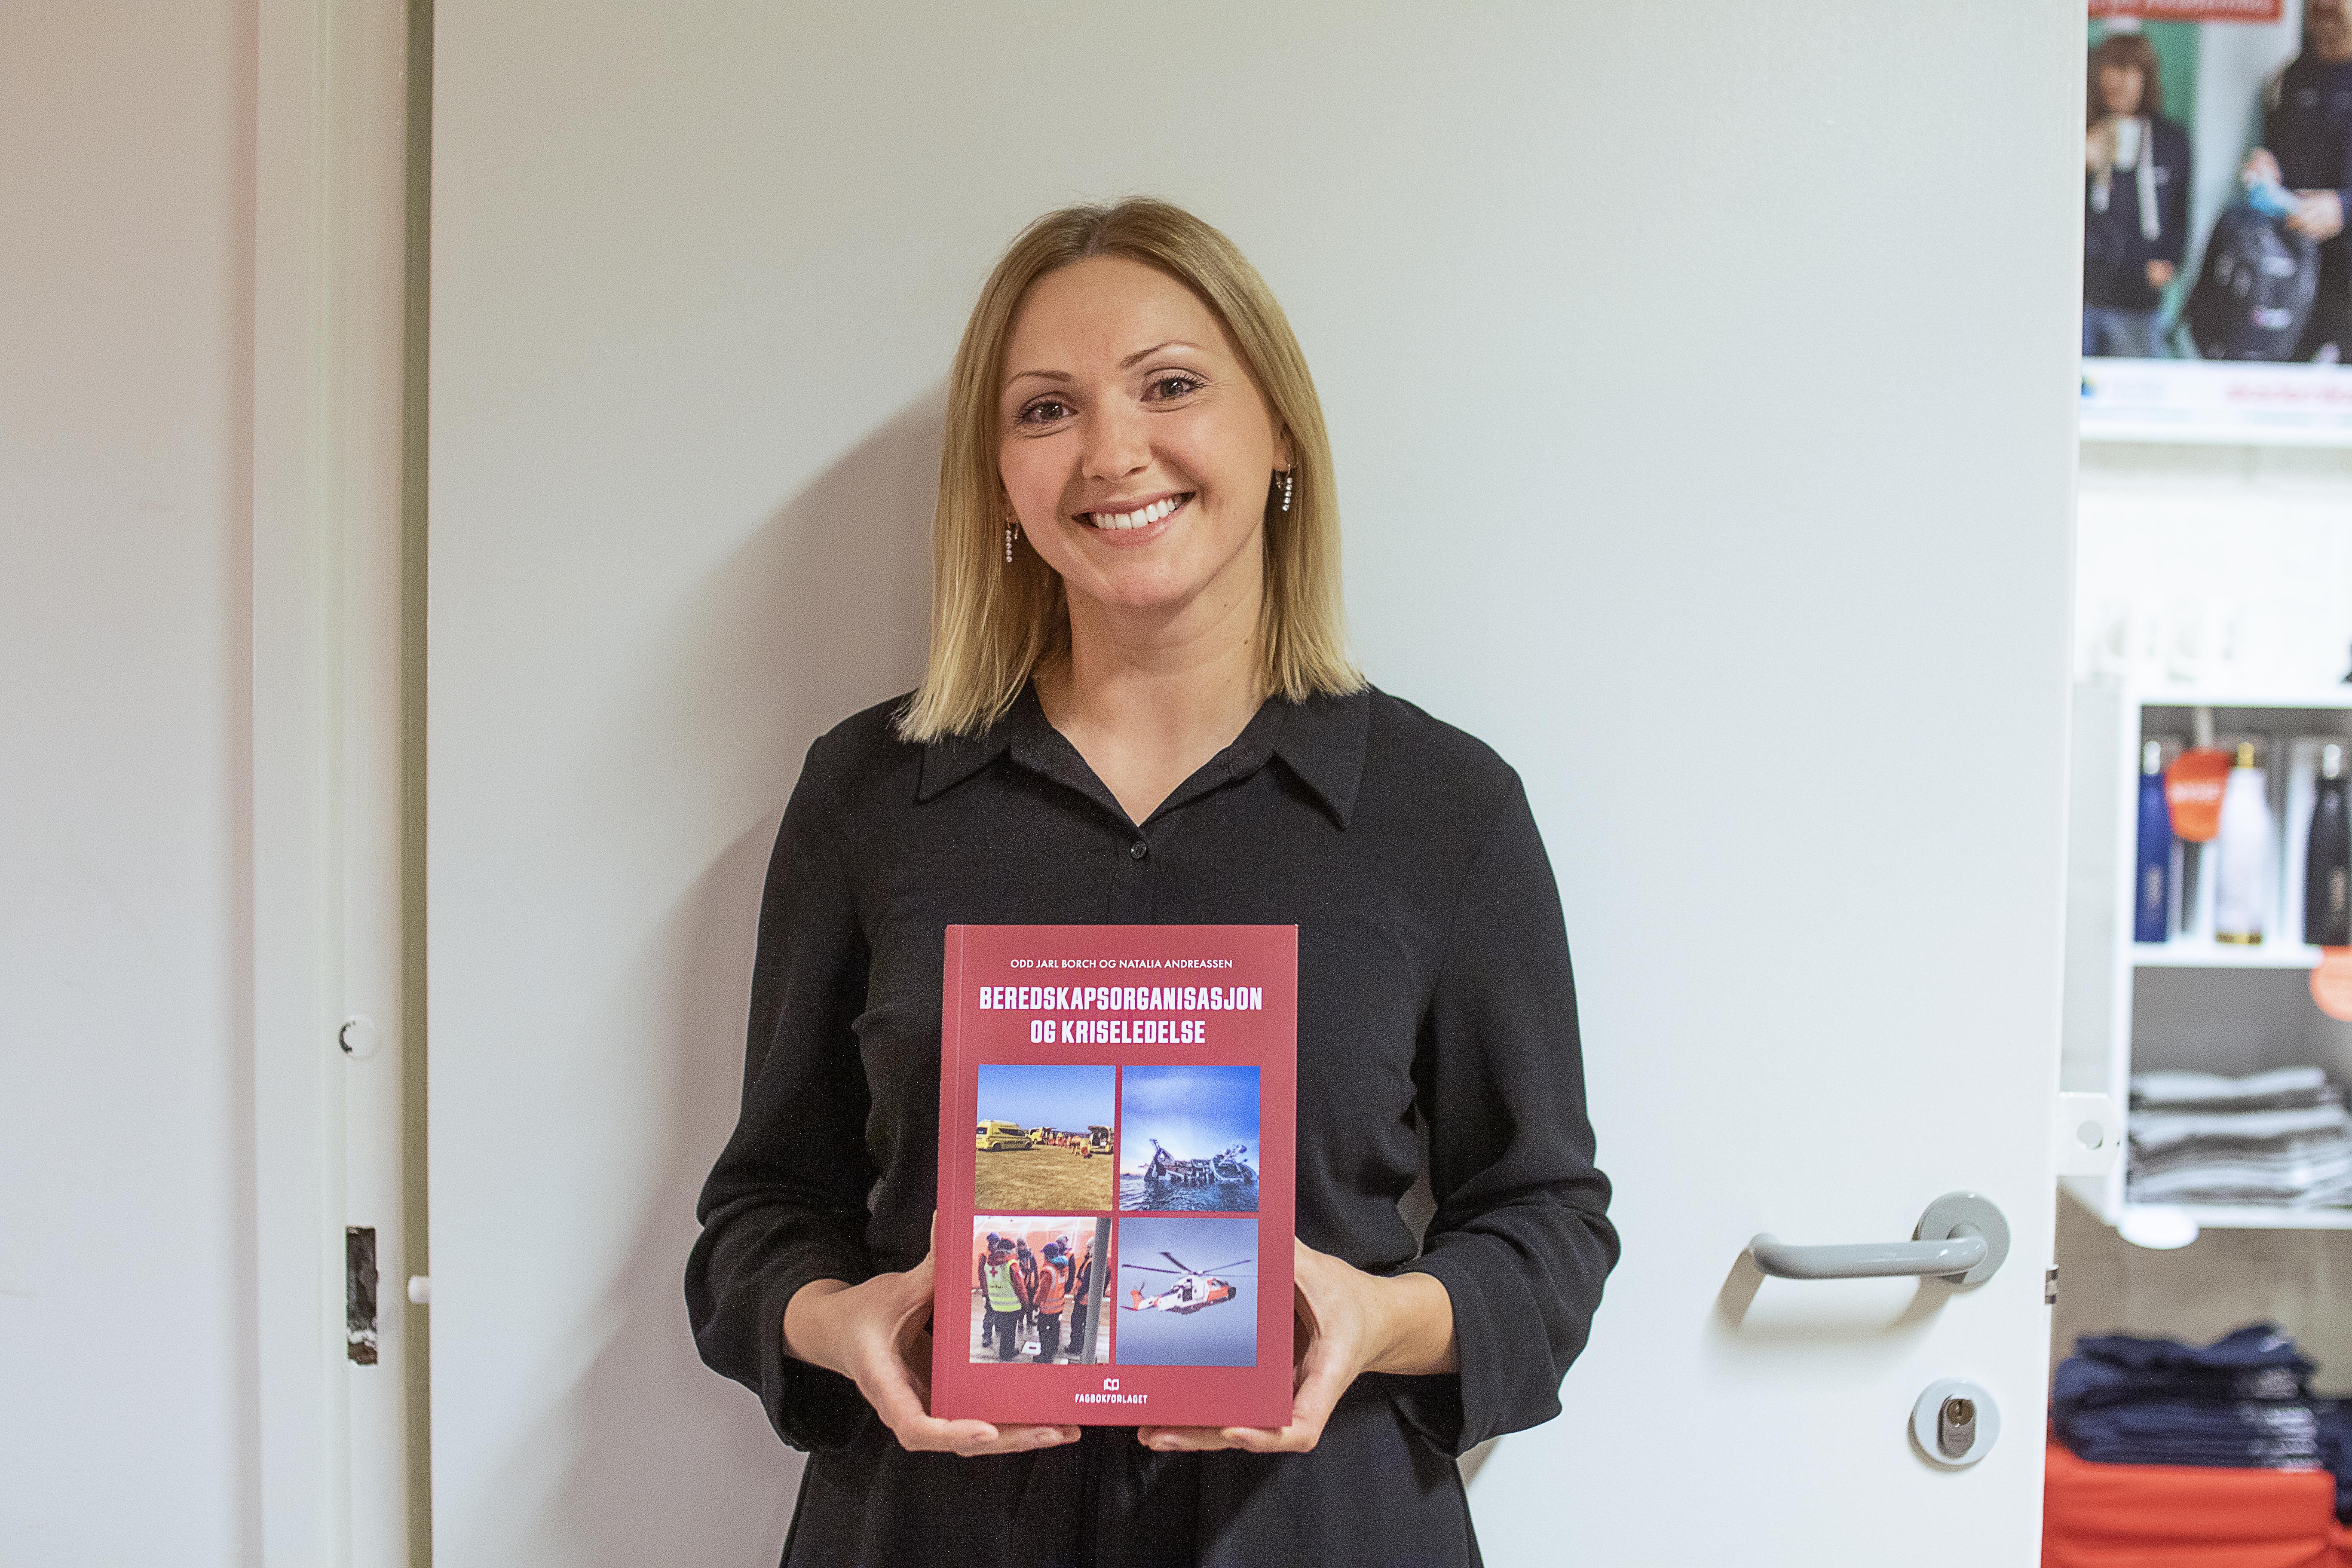 Natalia Andreassen er bokdebutant med den nye fagboken om beredskapsorganisasjon og kriseledelse